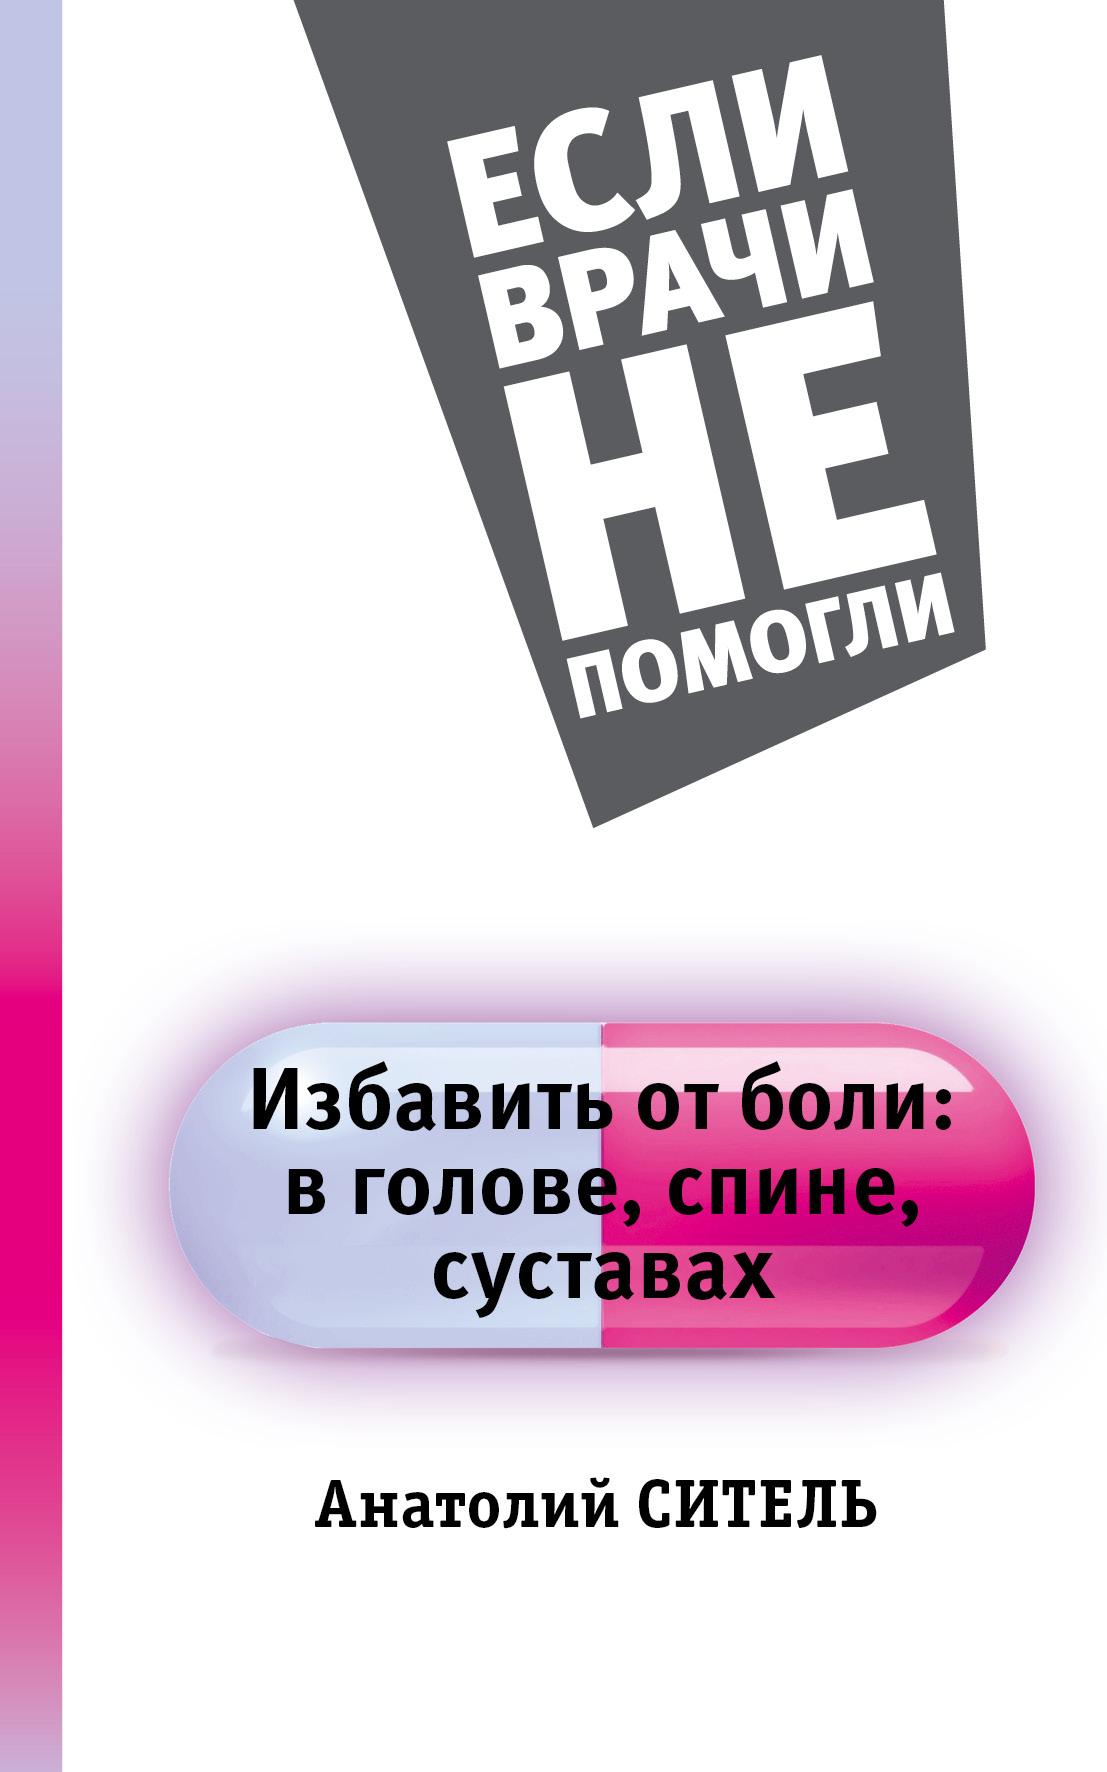 Ситель Анатолий Болеславович Избавить от боли:  голове, спине, суставах